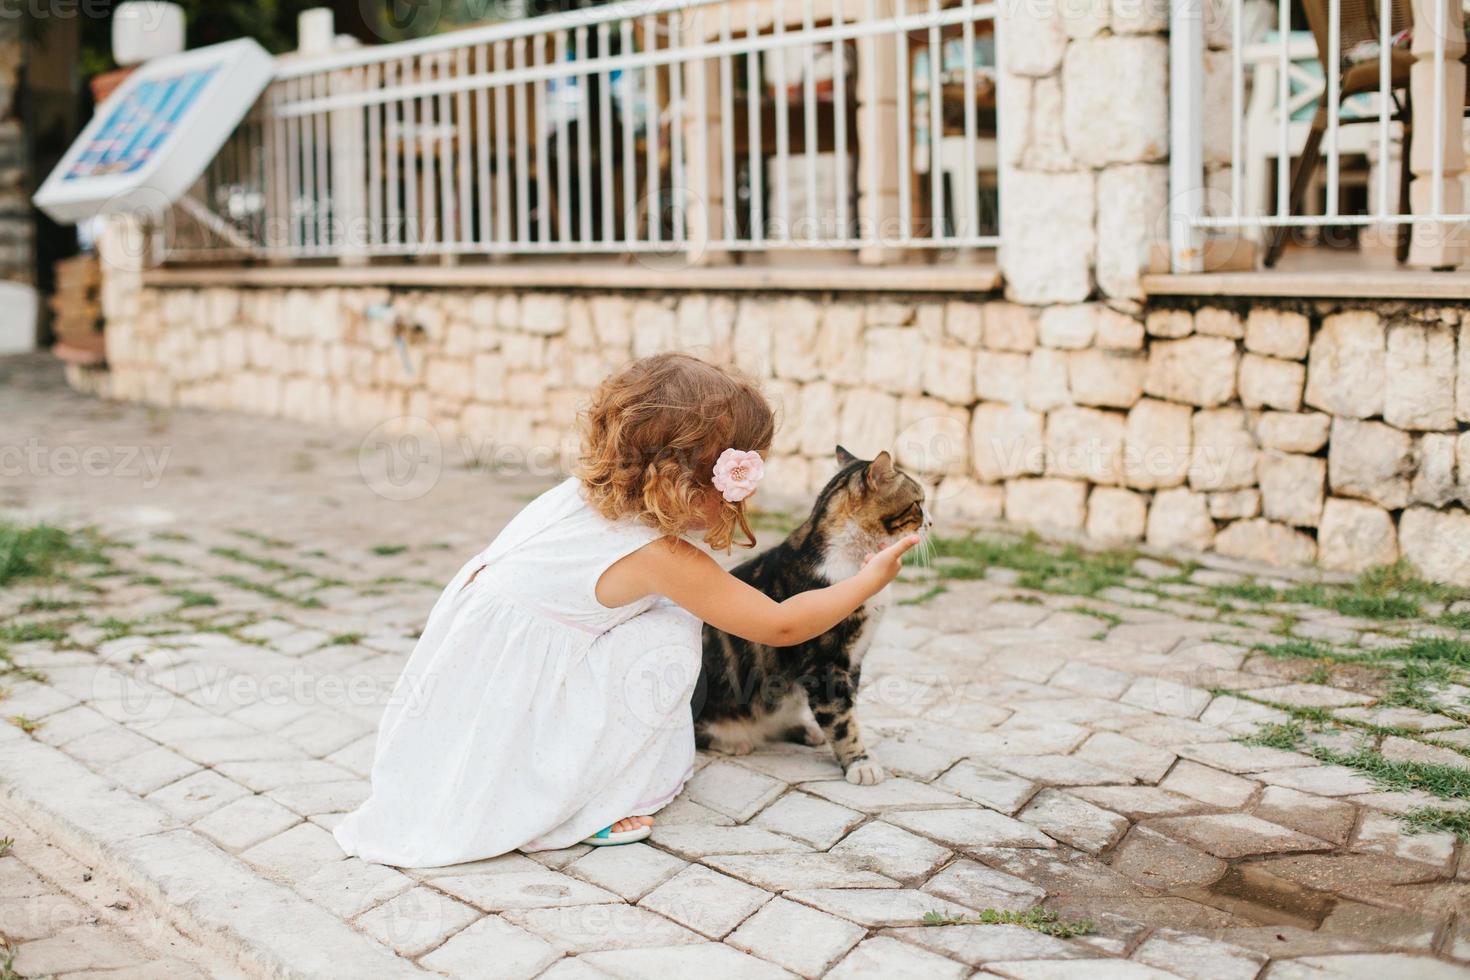 menina brincando com gato ao ar livre foto